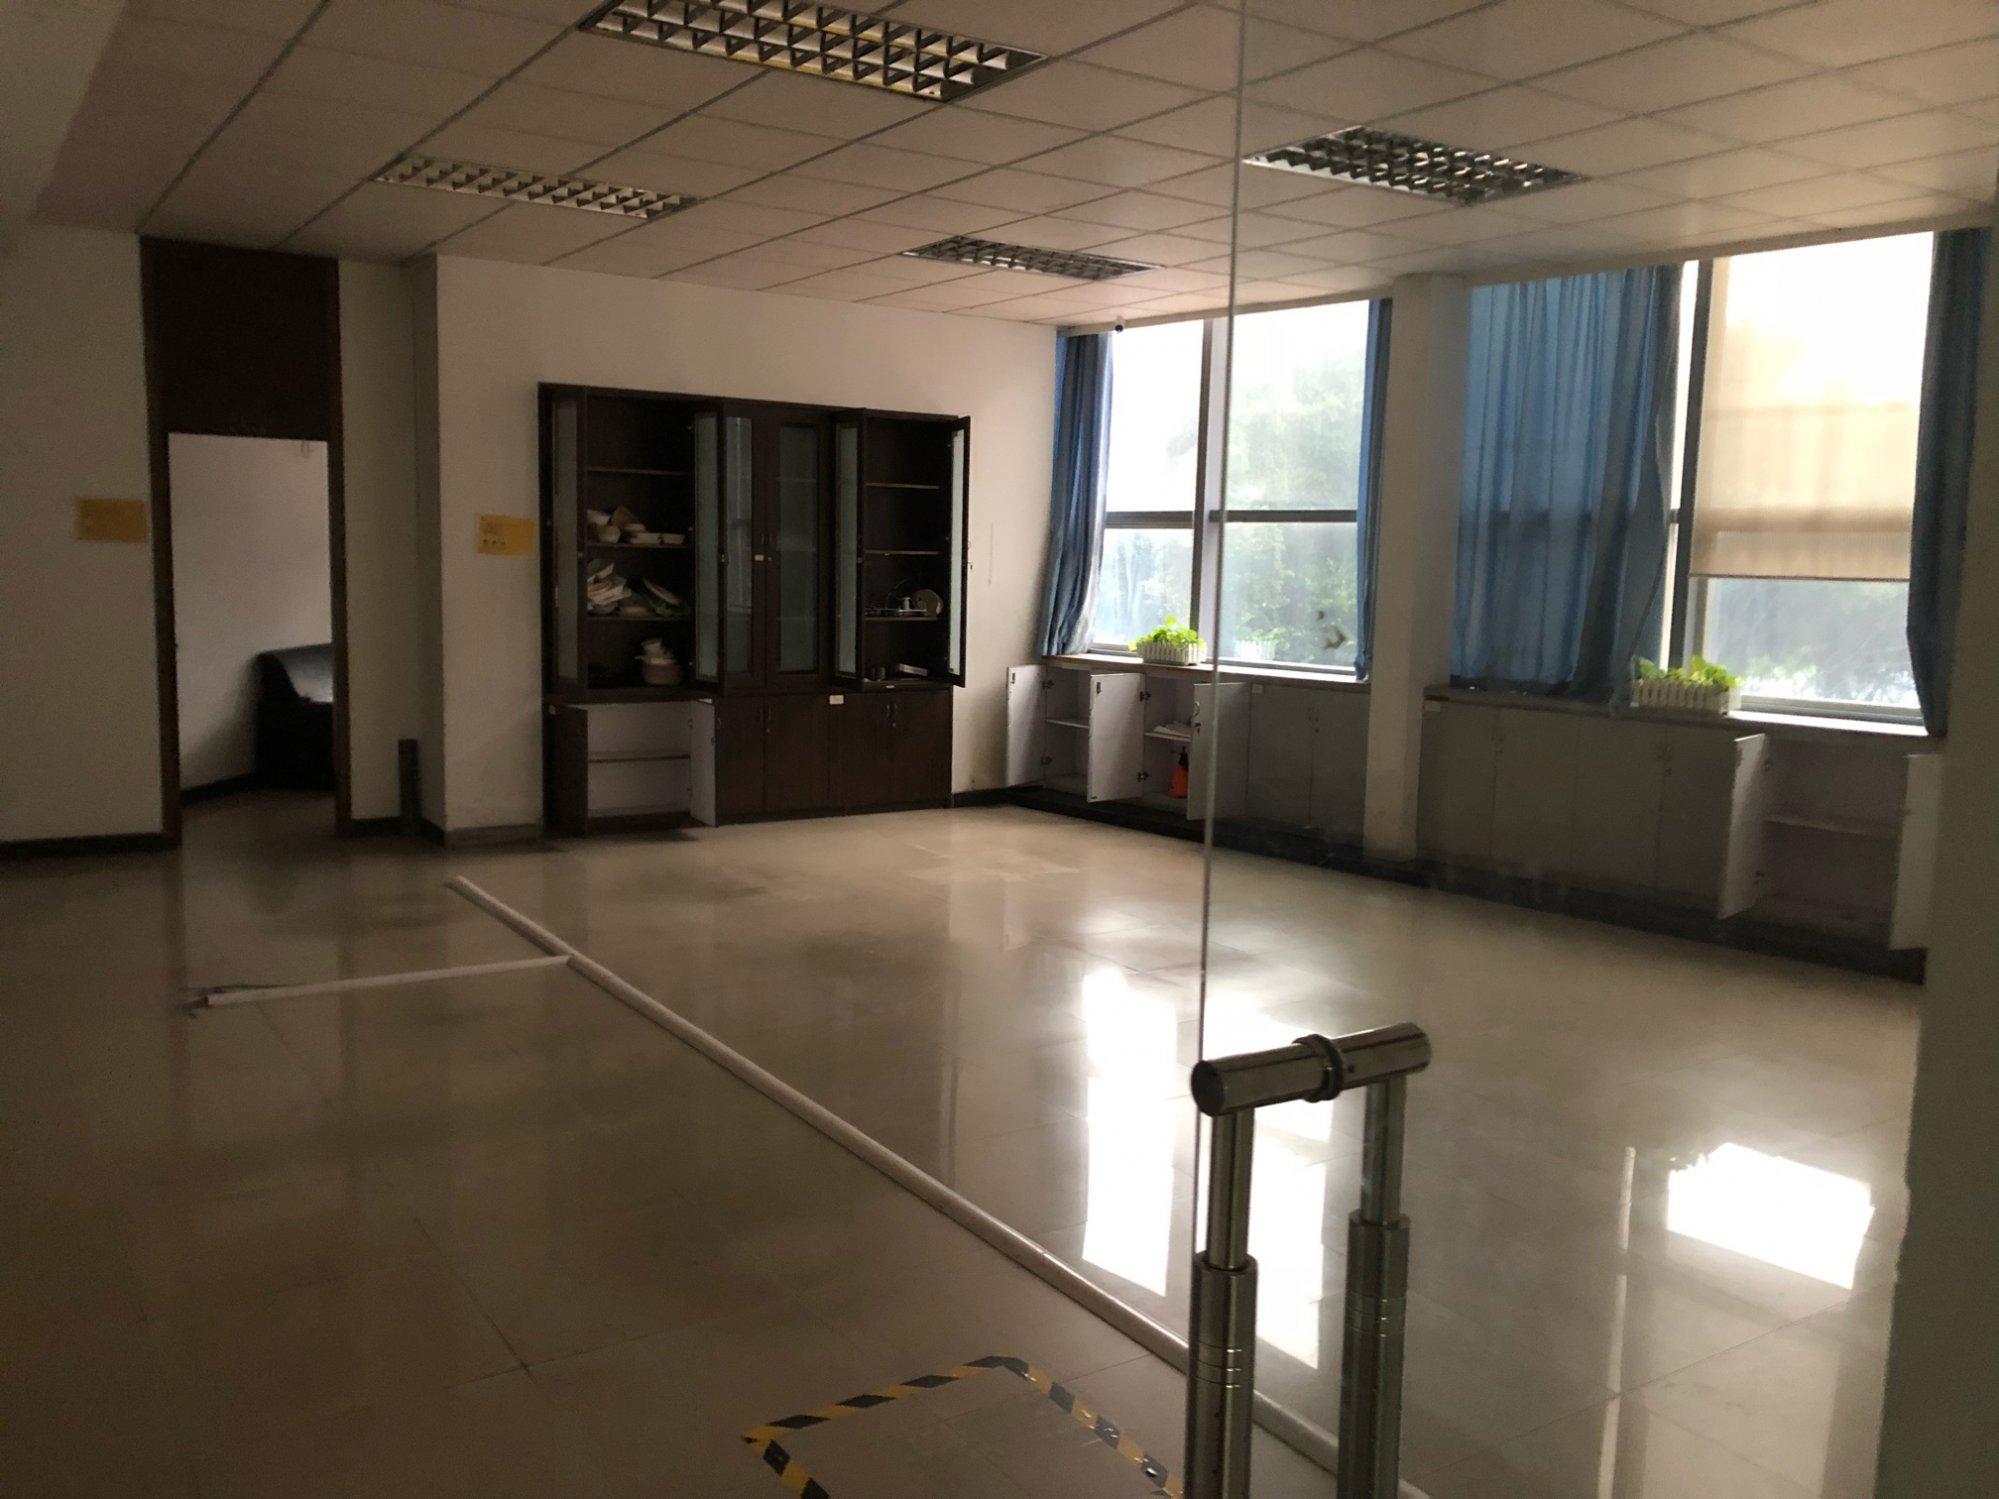 180平米 办公室翻修 轻钢龙骨 加 石膏板 吊平顶 包工包料大概多少